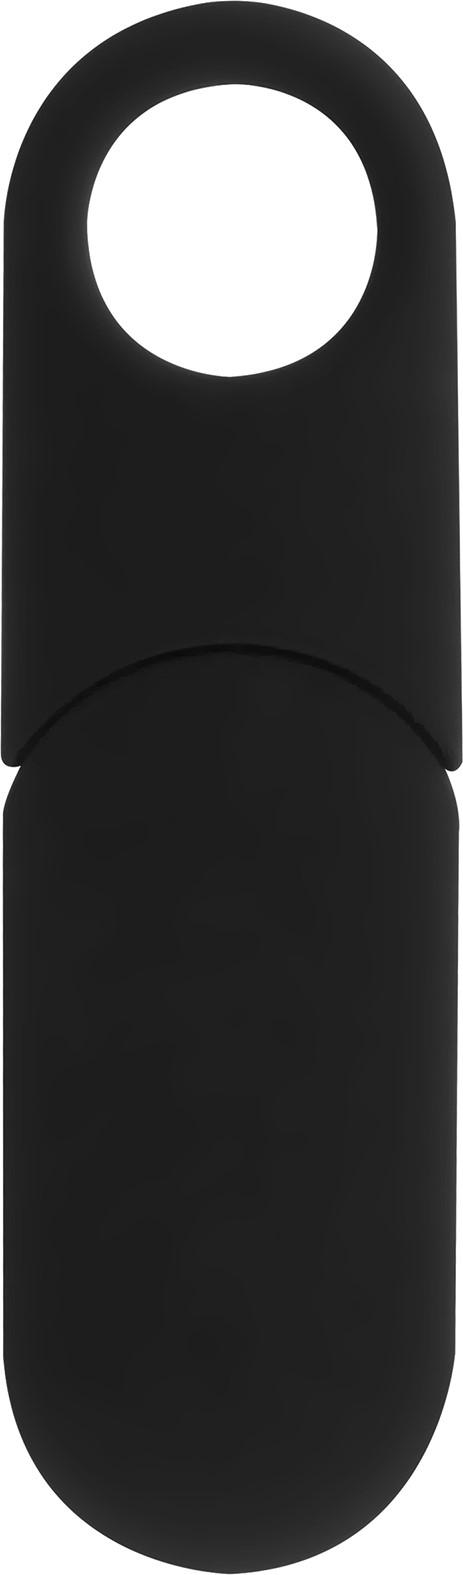 USB SPOT 8 GB